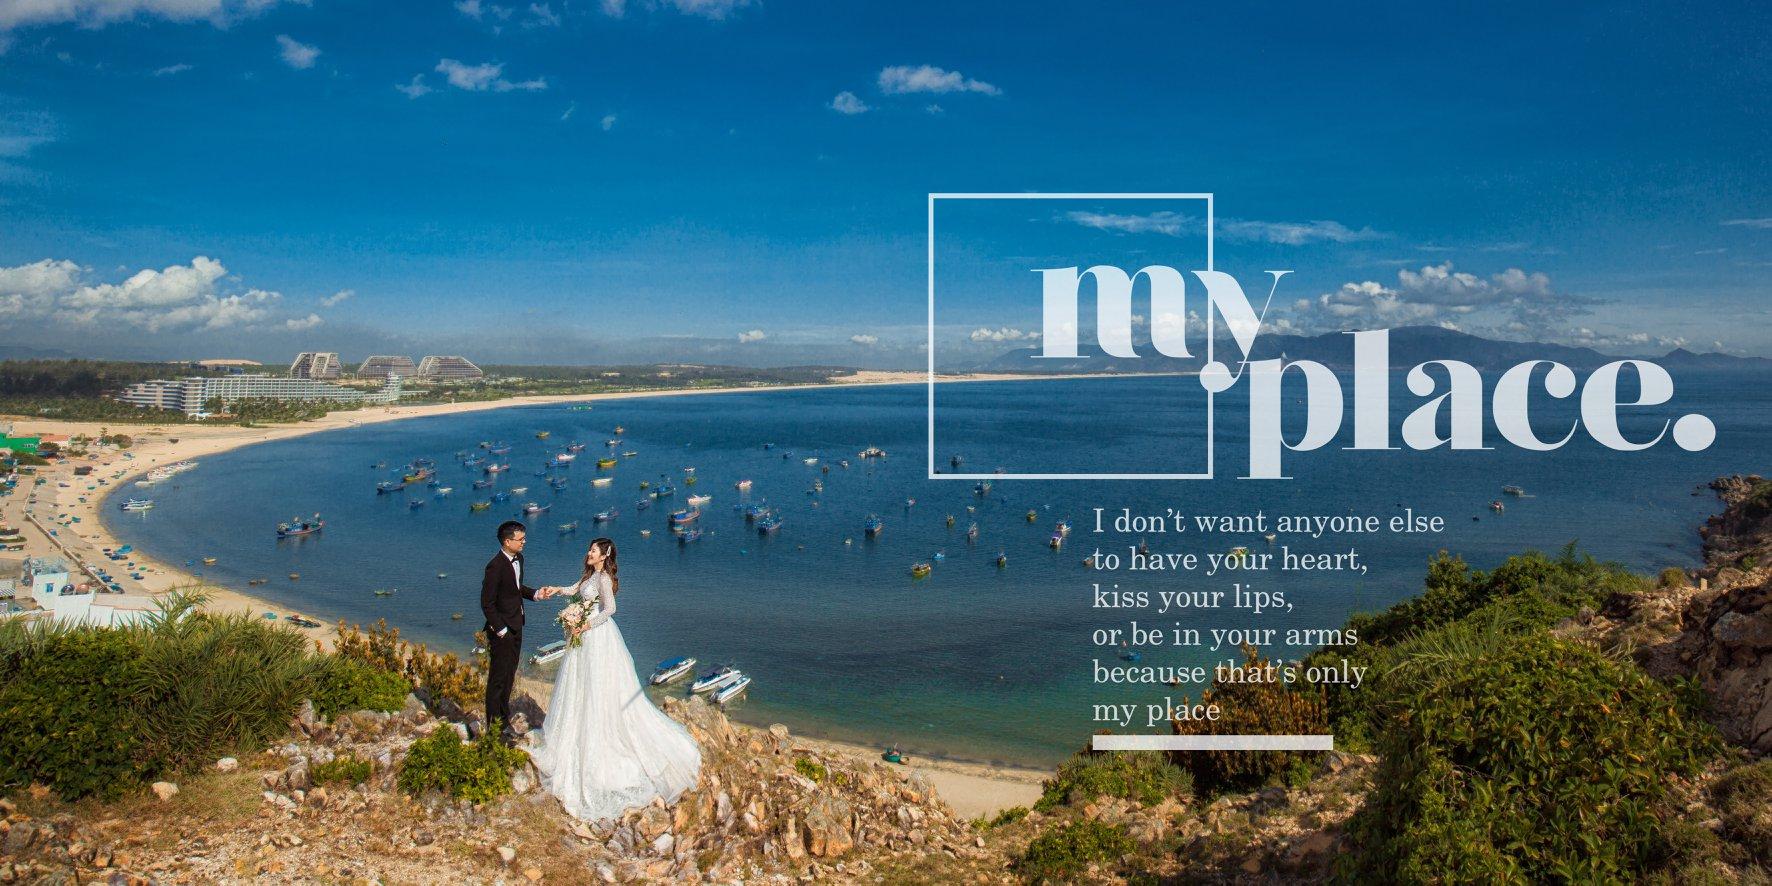 Xếp hạng 9 Studio chụp ảnh cưới đẹp nhất Bình Định - Sam Wedding